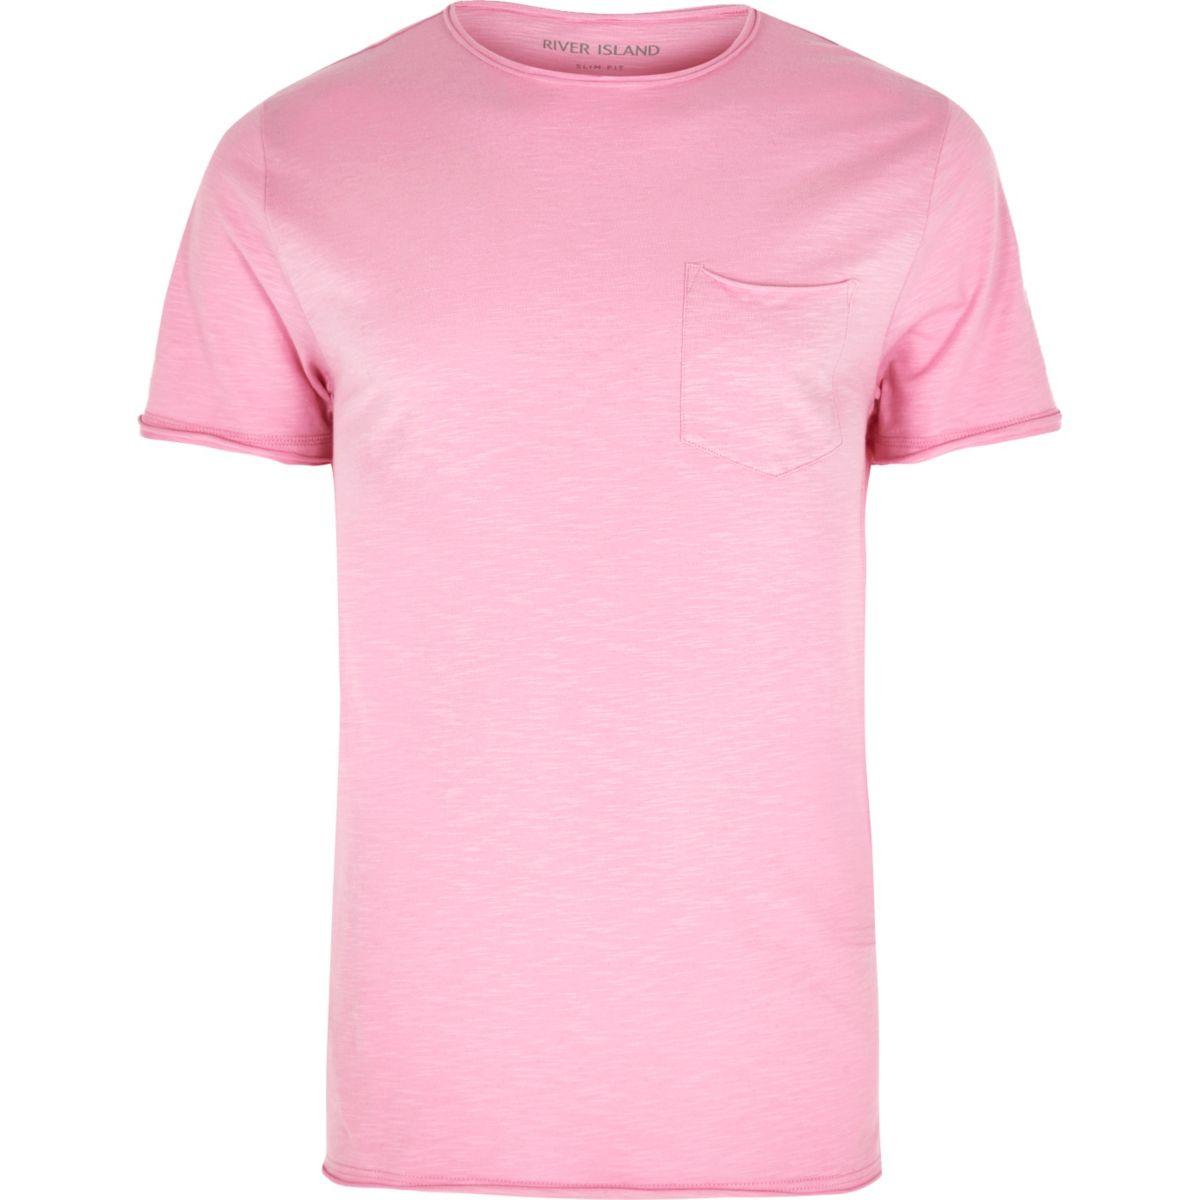 Pink slim fit raw cut pocket T-shirt